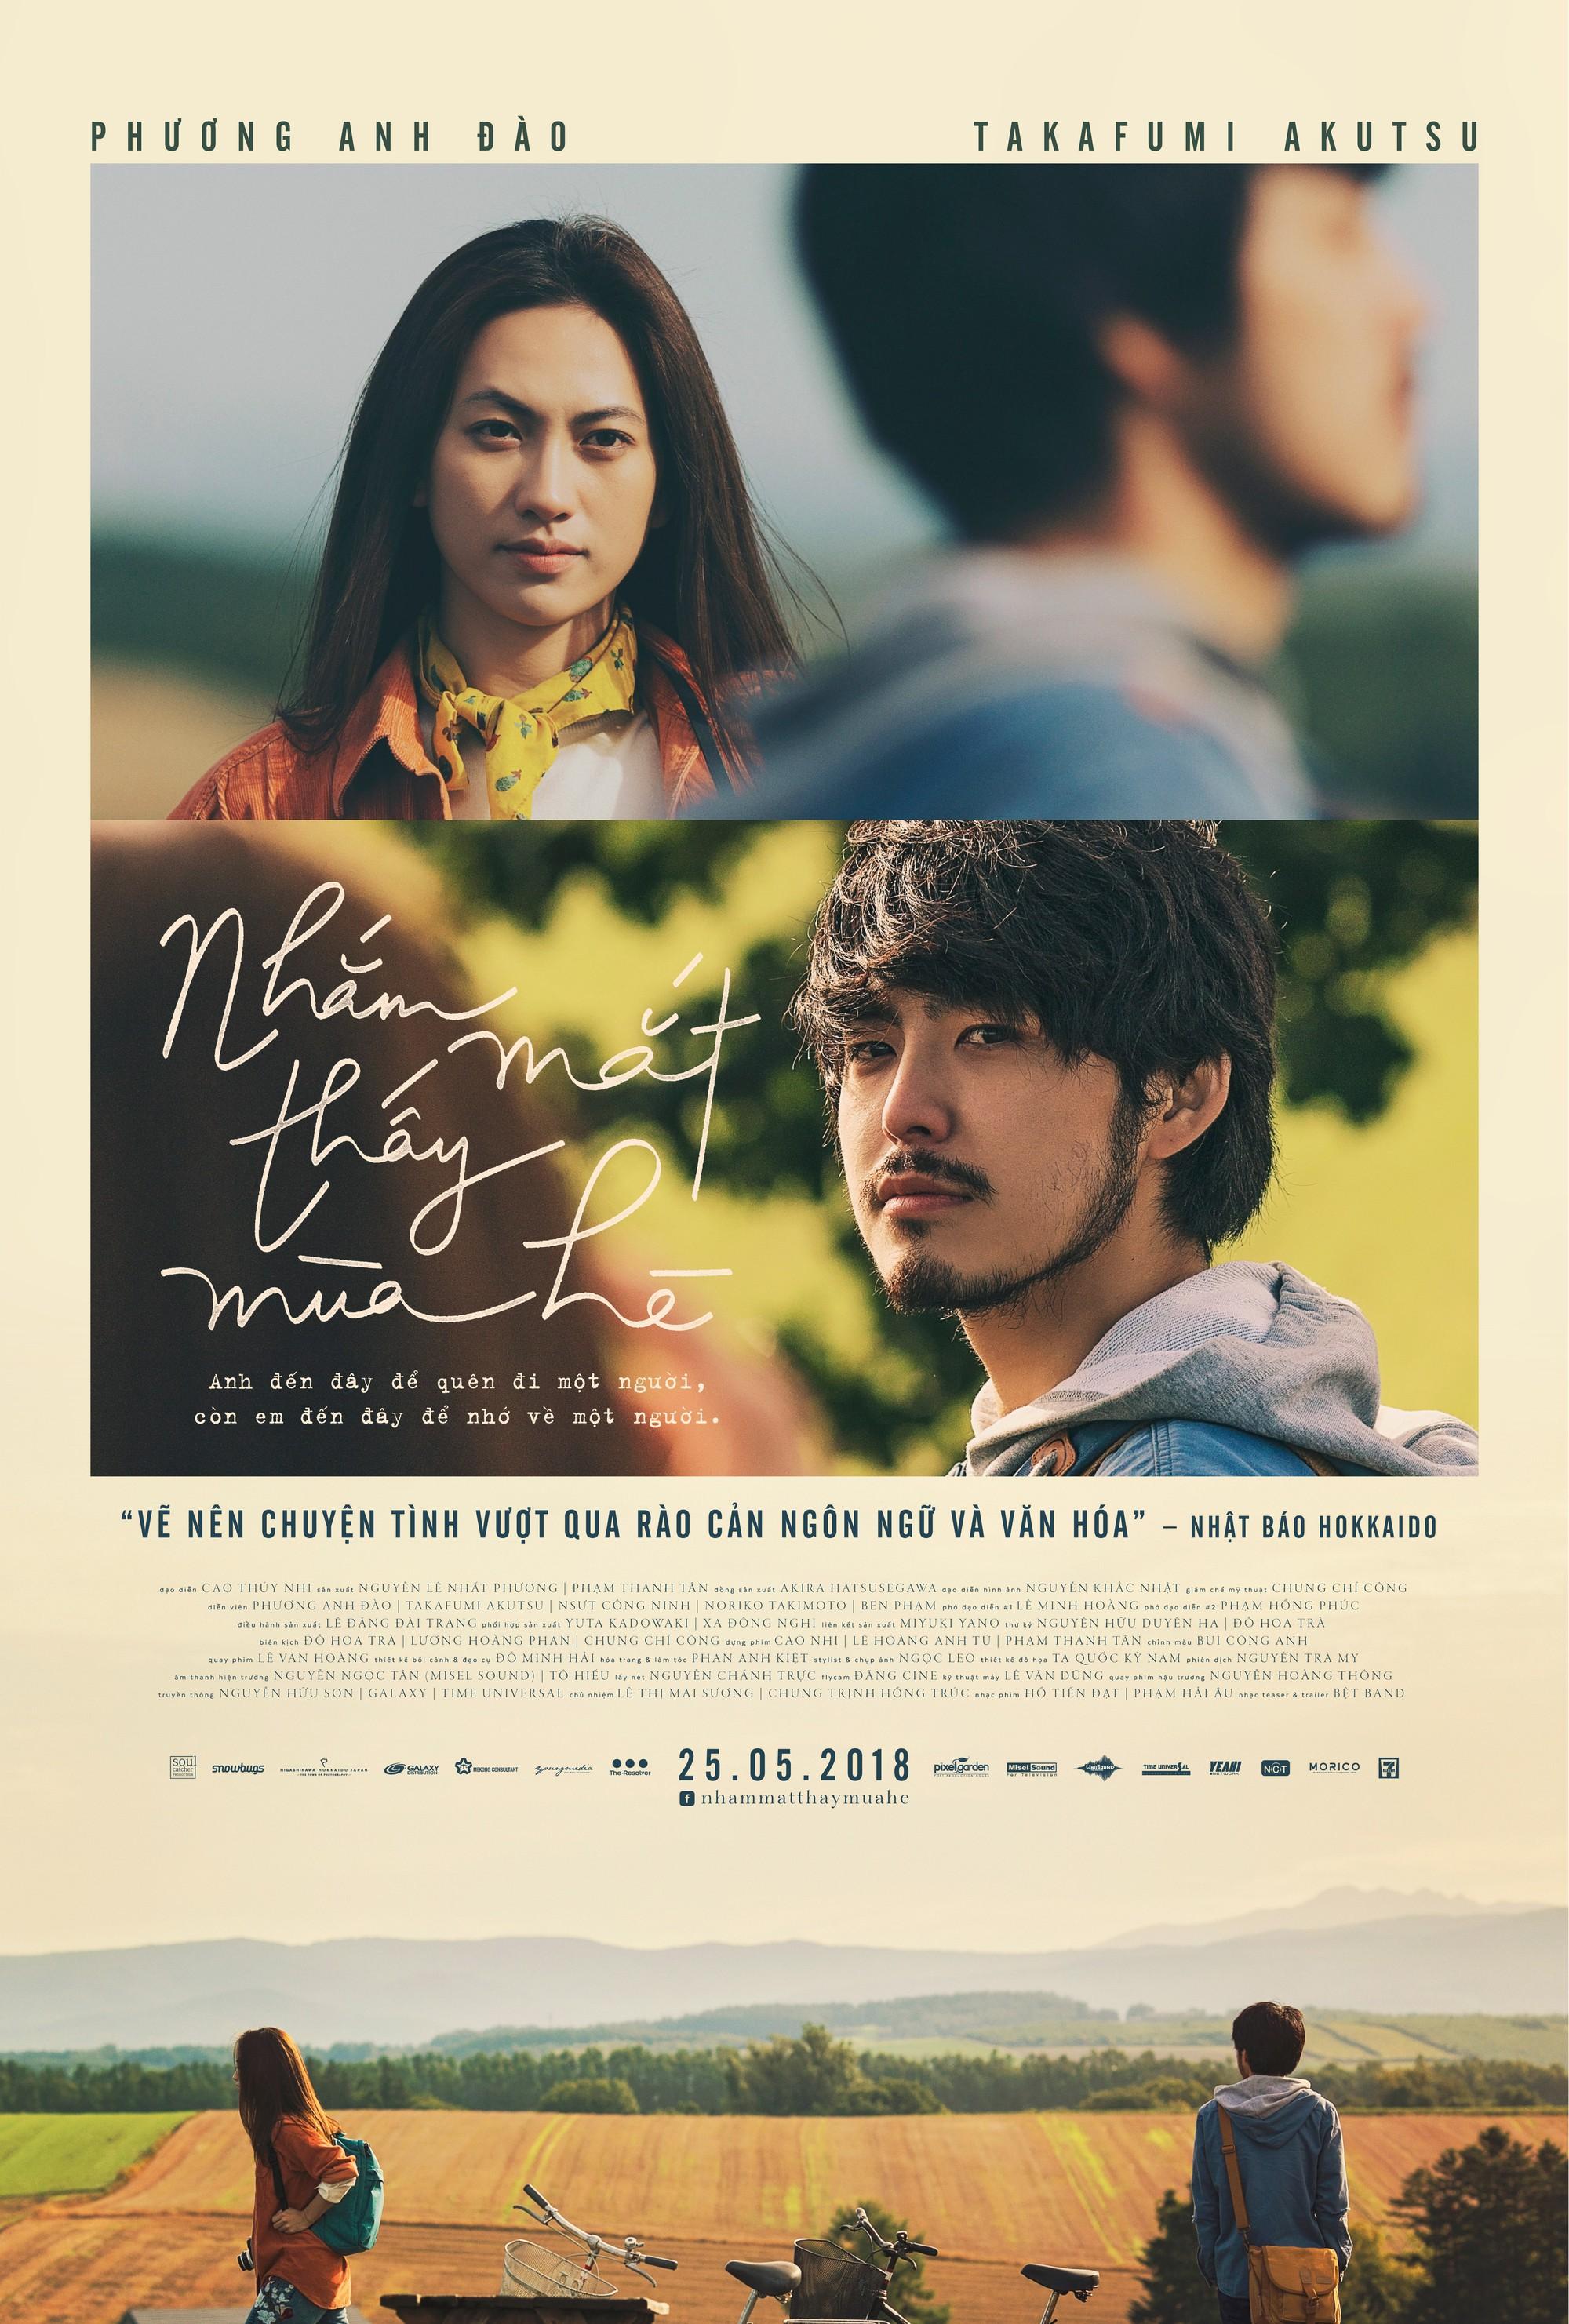 Năm 2019 rồi, đừng dùng drama như công thức kiếm lời cho phim Việt! - Ảnh 4.